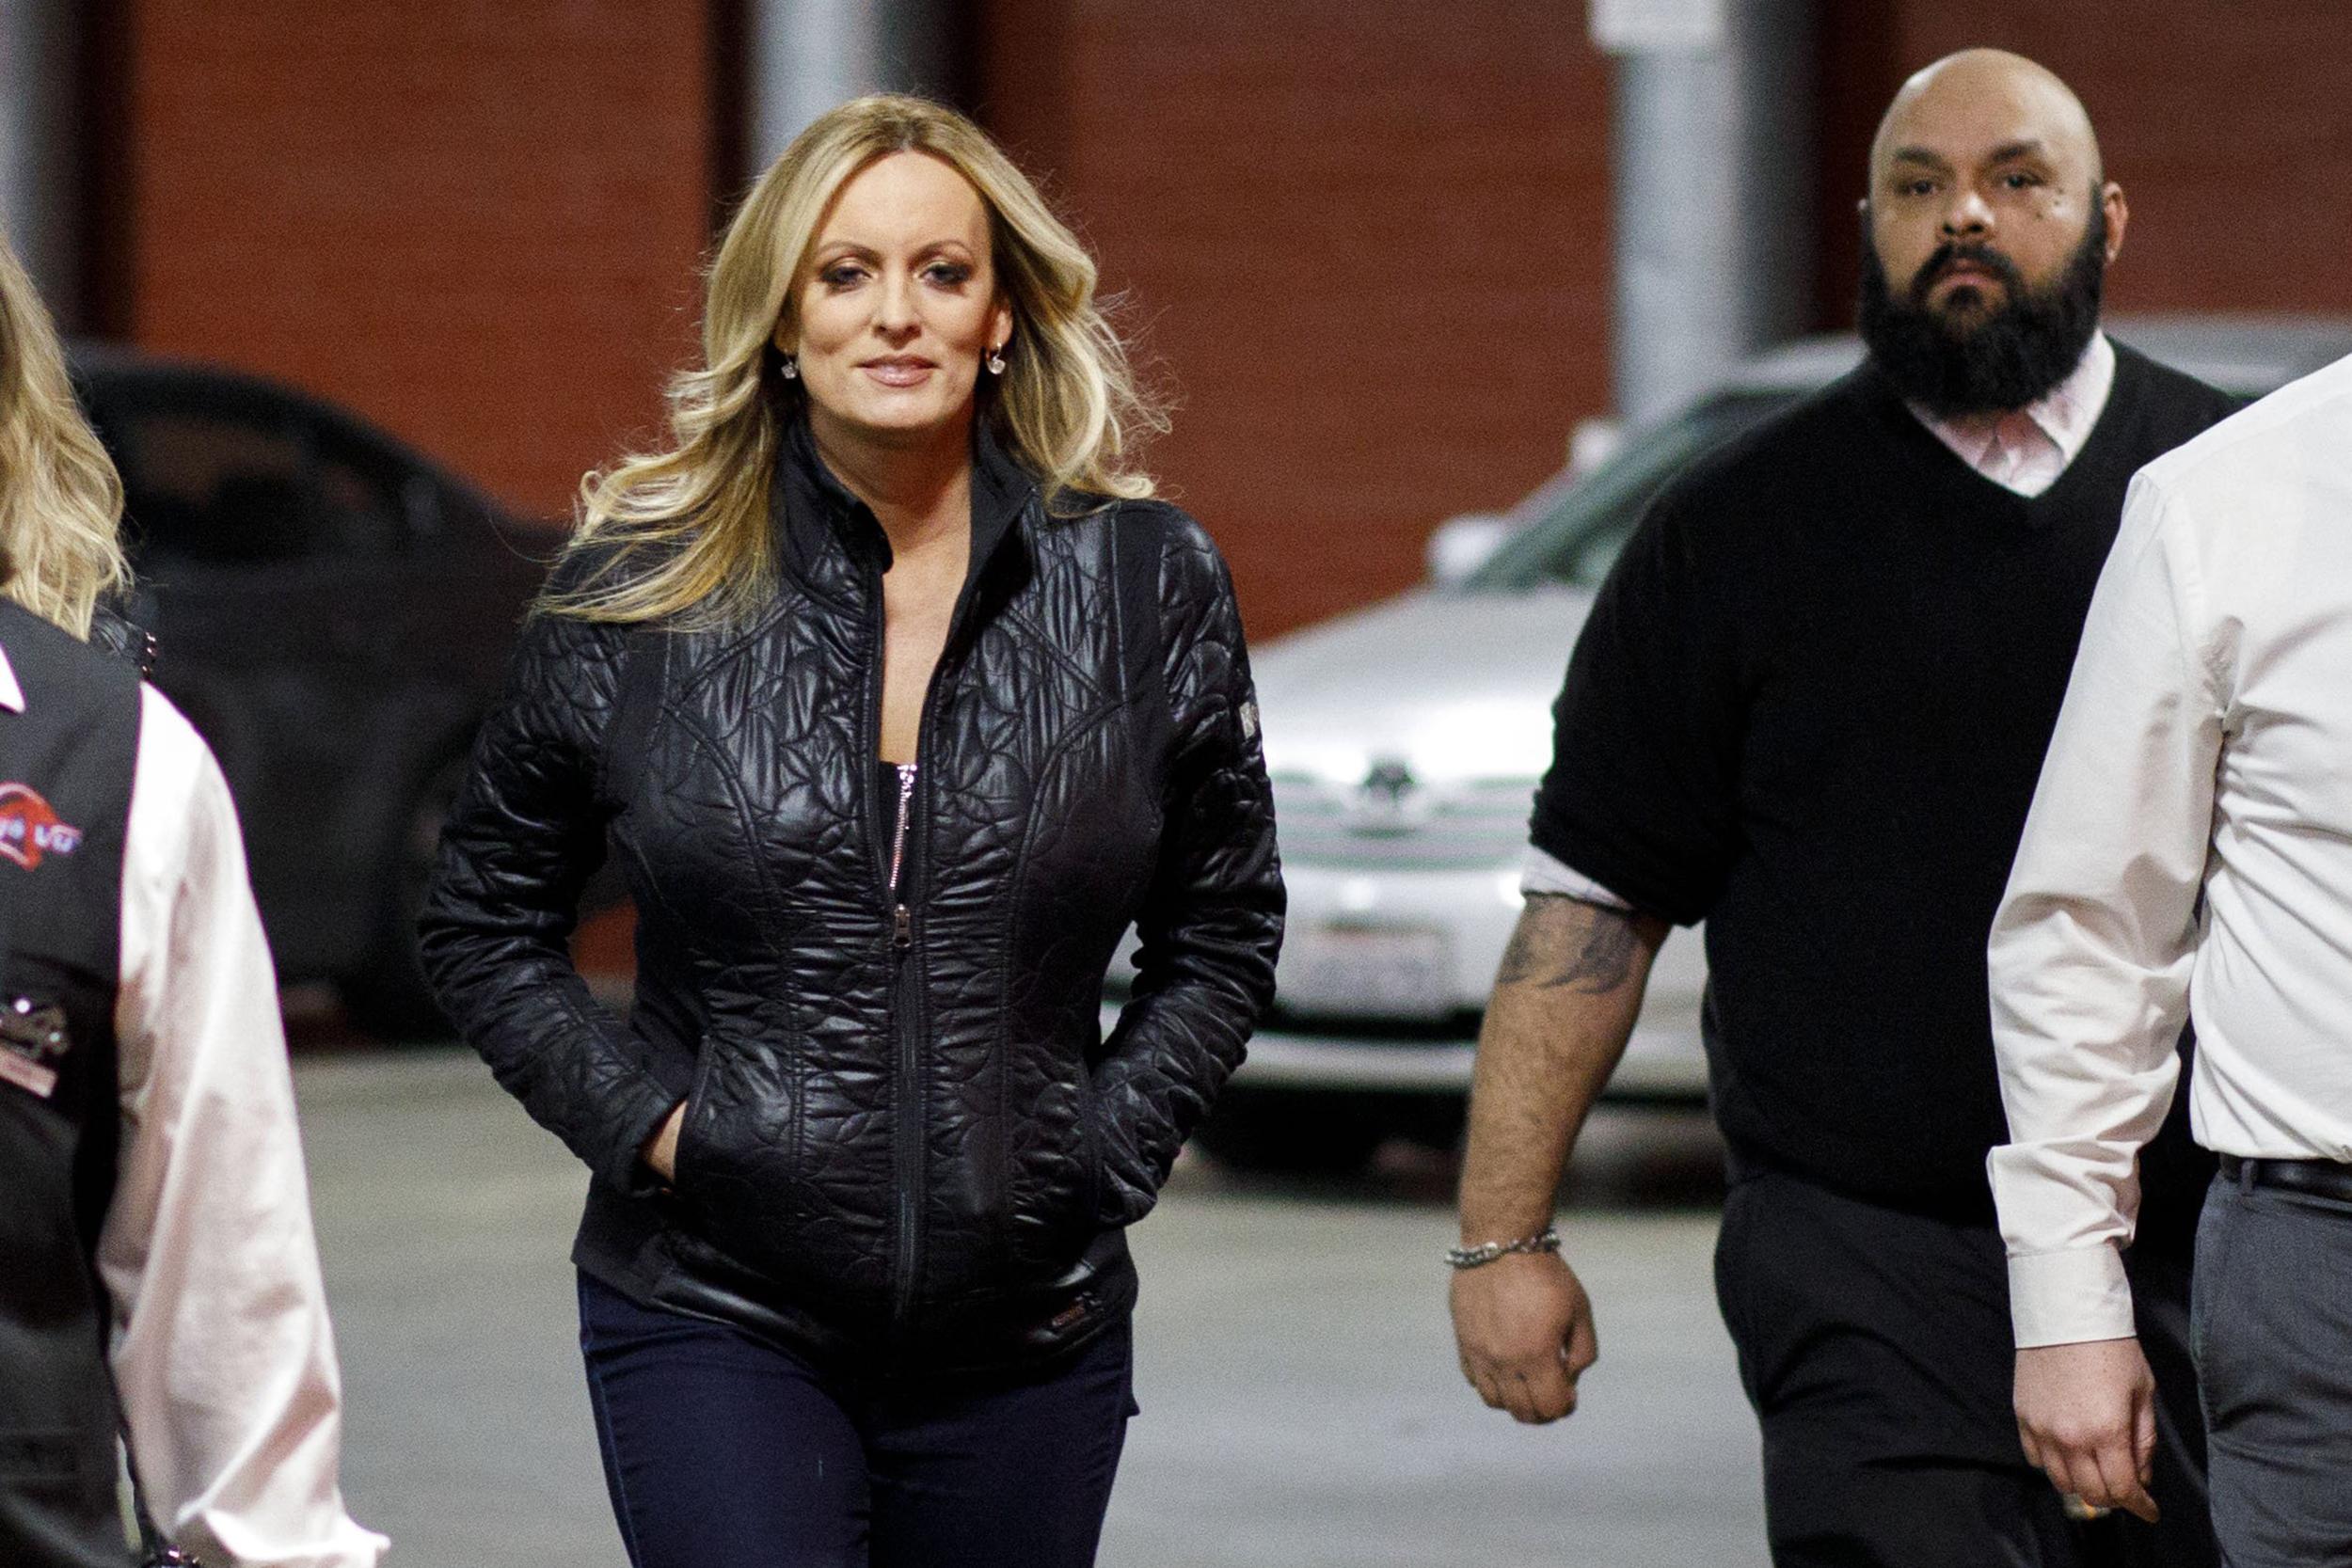 Judge dismisses Stormy Daniels' defamation suit against Trump